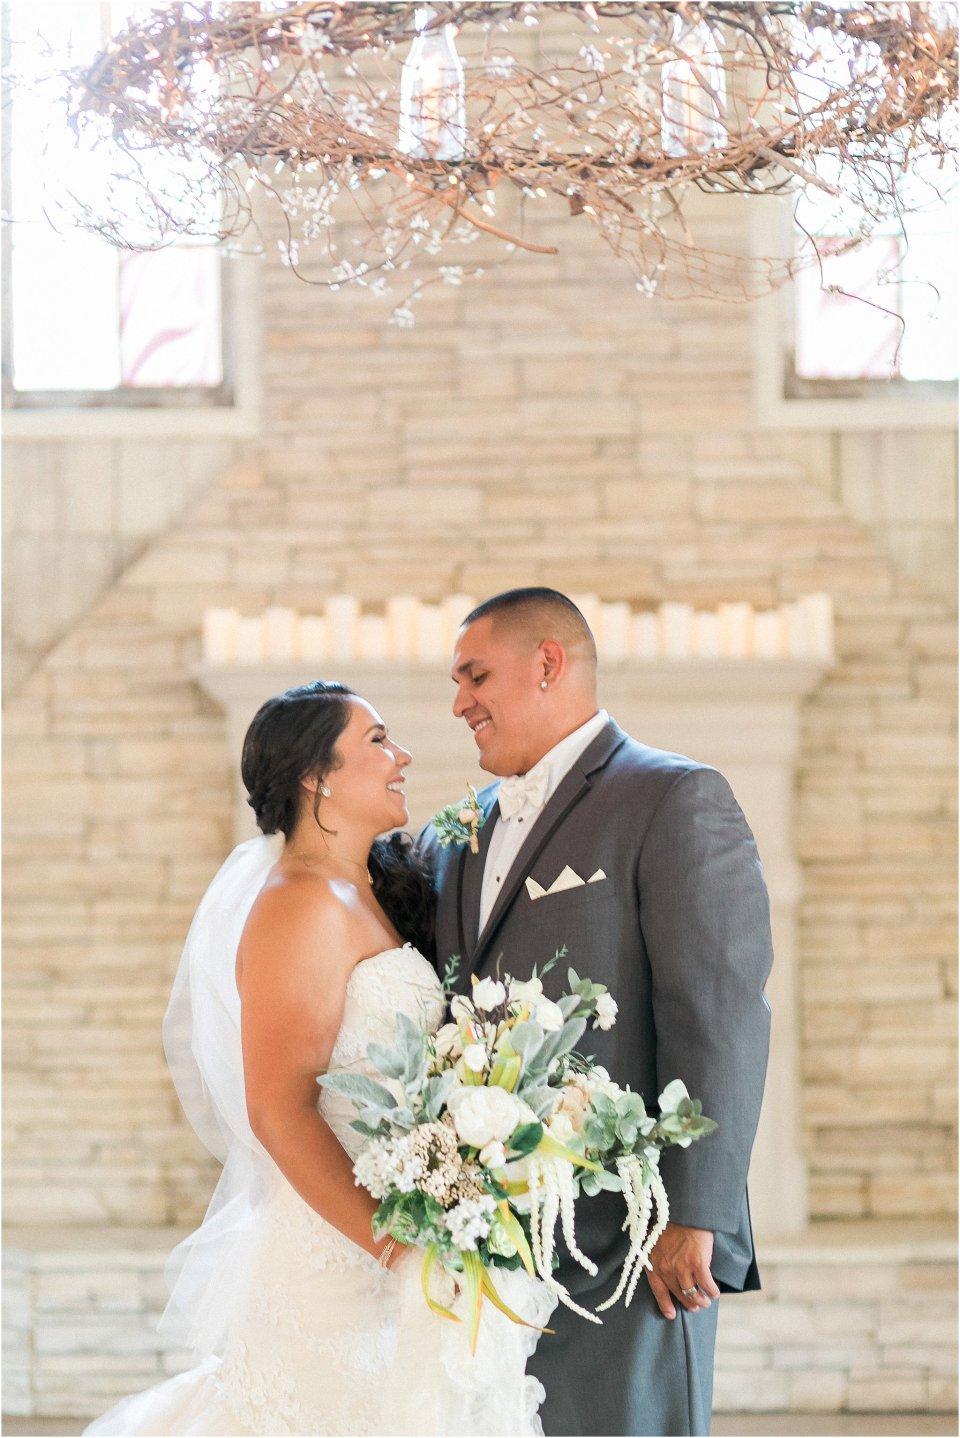 Rubidia C Photography Oakland Bay Area Walnut Creek Bay Area oakland SF Wedding Photographer CA_0079.jpg